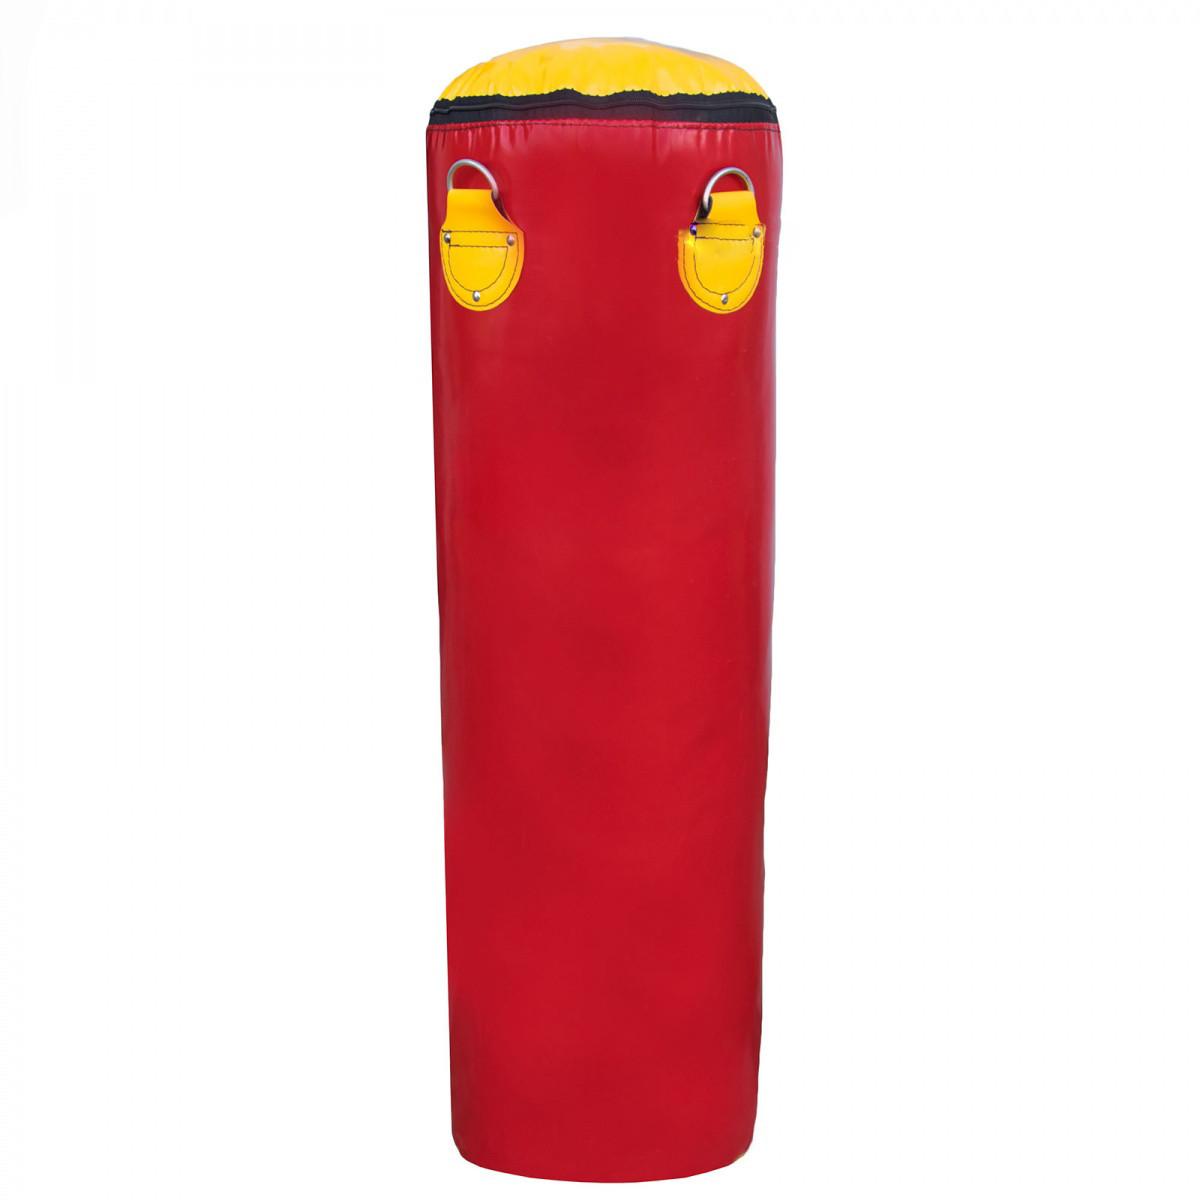 Боксерская груша для бокса (боксерский мешок) ПВХ OSPORT Lite 1.2м (OF-0051) Красная